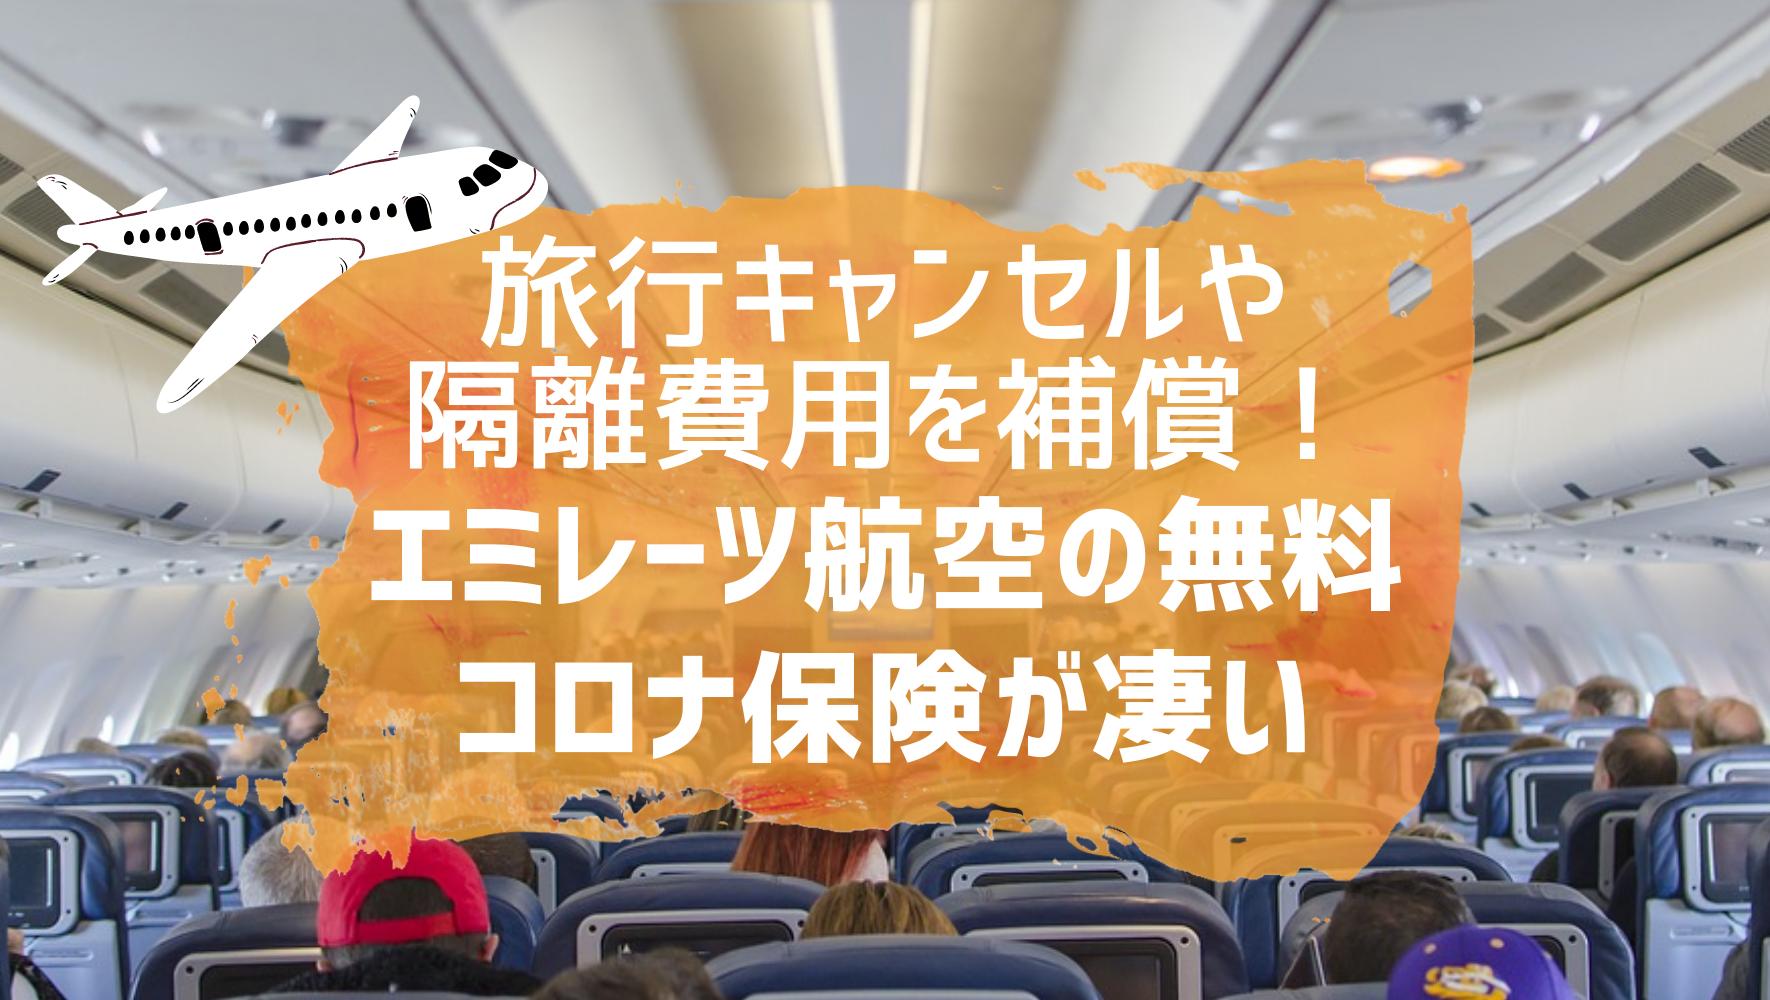 航空 キャンセル エミレーツ 【最新版】新型コロナウイルスによる国際航空券のキャンセル料金が戻ってくる航空会社は?